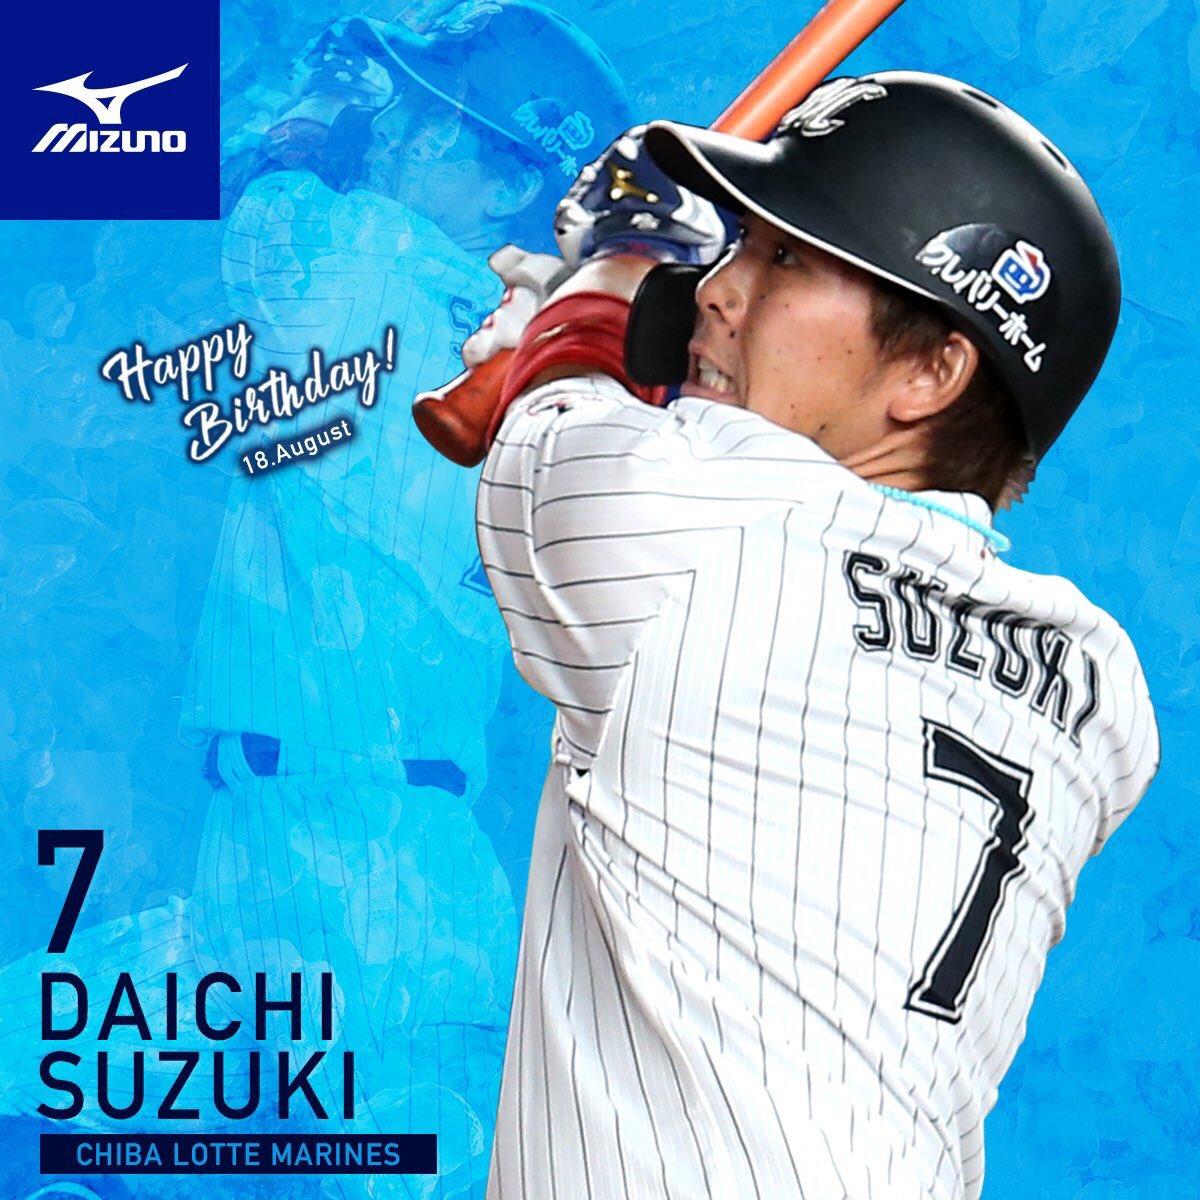 test ツイッターメディア - \お誕生日おめでとうございます!/  2019.08.18  Happy birthday to Daichi Suzuki. #鈴木大地 #千葉ロッテマリーンズ #chibalotte #ミズノ #ミズノブランドアンバサダー #誕生日 https://t.co/Qbss2yhsNJ